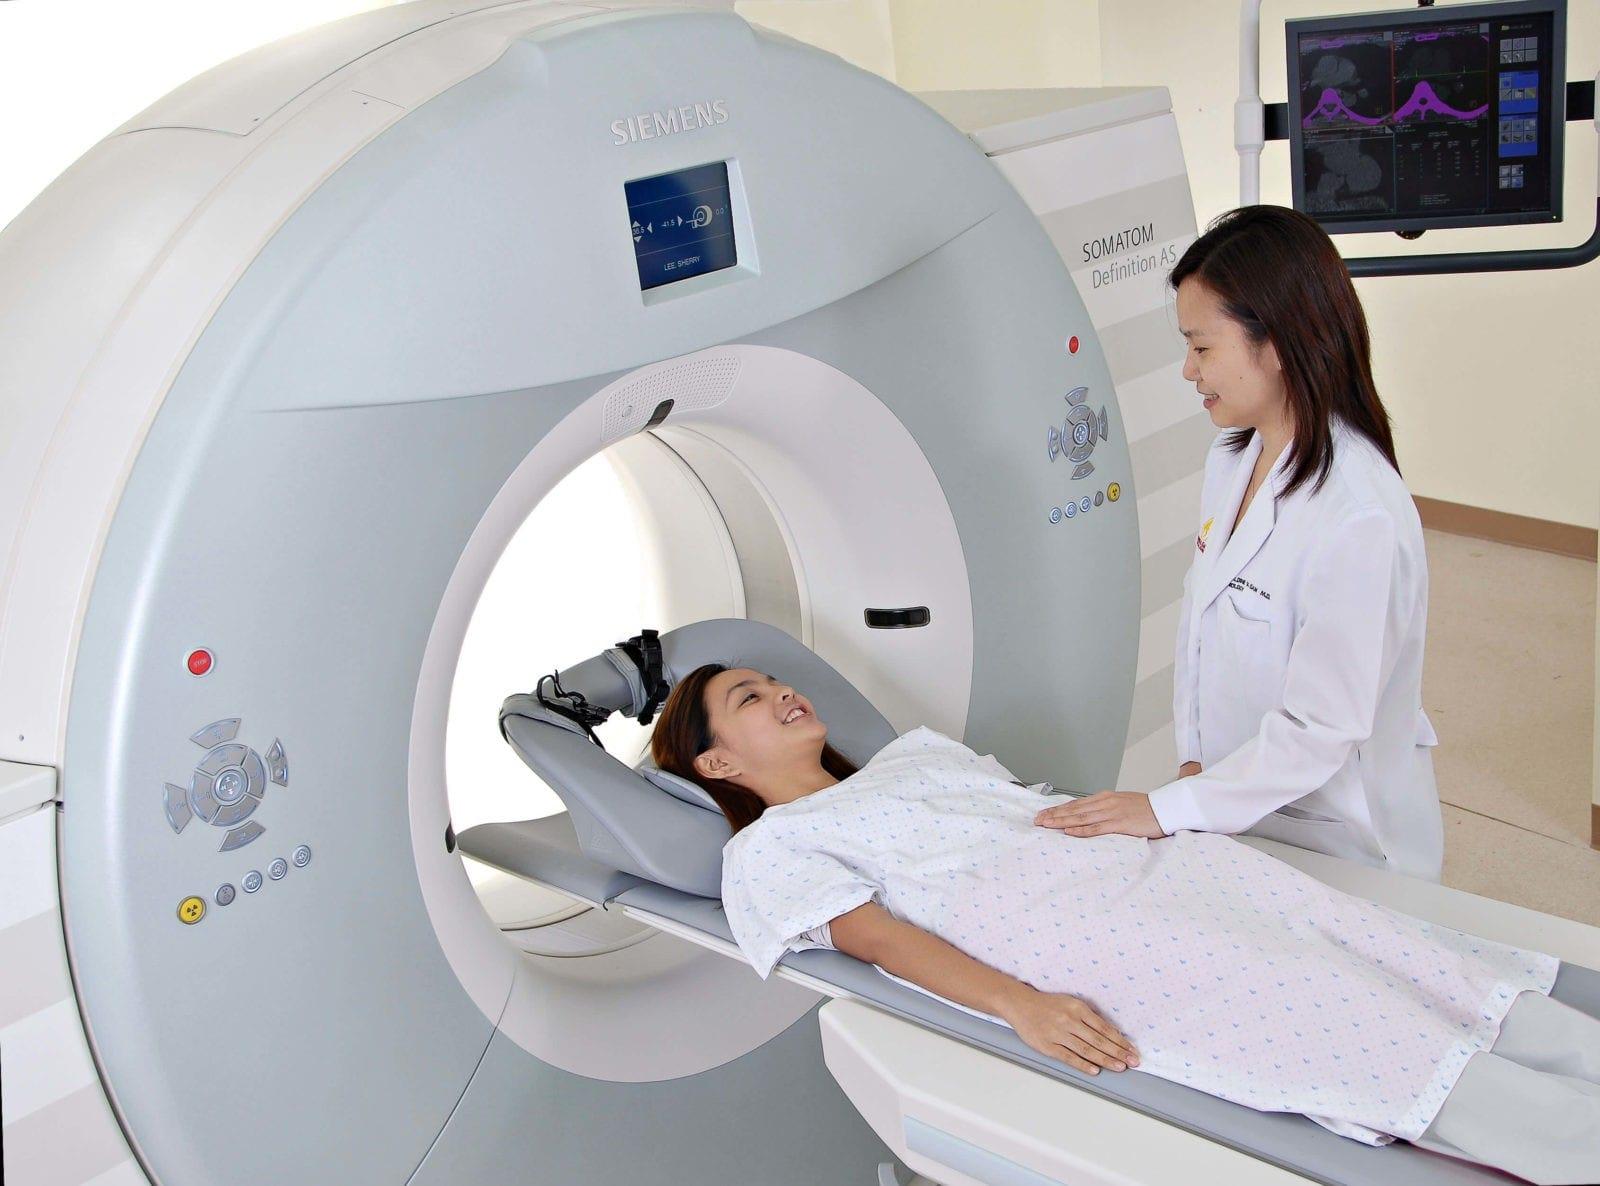 kompjuternaya tomografiya obzor metoda i diagnosticheskih ustrojstv pokazaniya tehnika issledovaniya